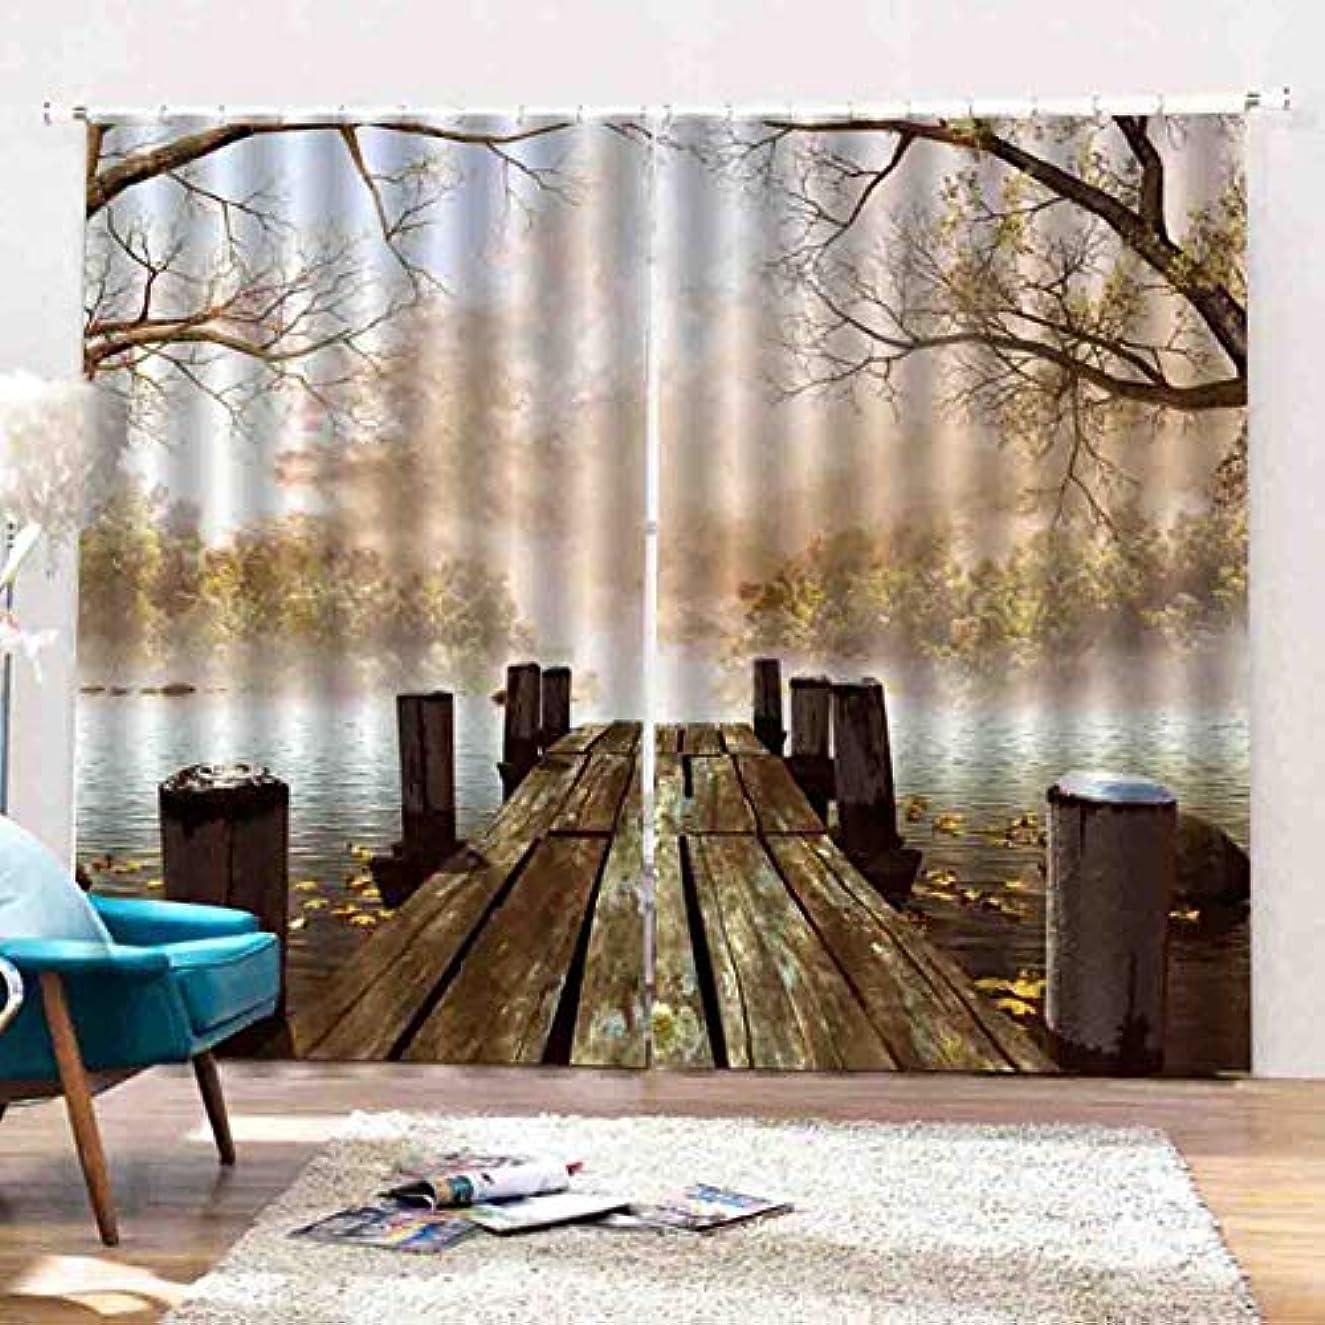 条約ジョージハンブリー現象デジタル3D遮光カーテンリビングルームの寝室の窓は紫外線防止窓シールドをドレープ(12)(色:多色)